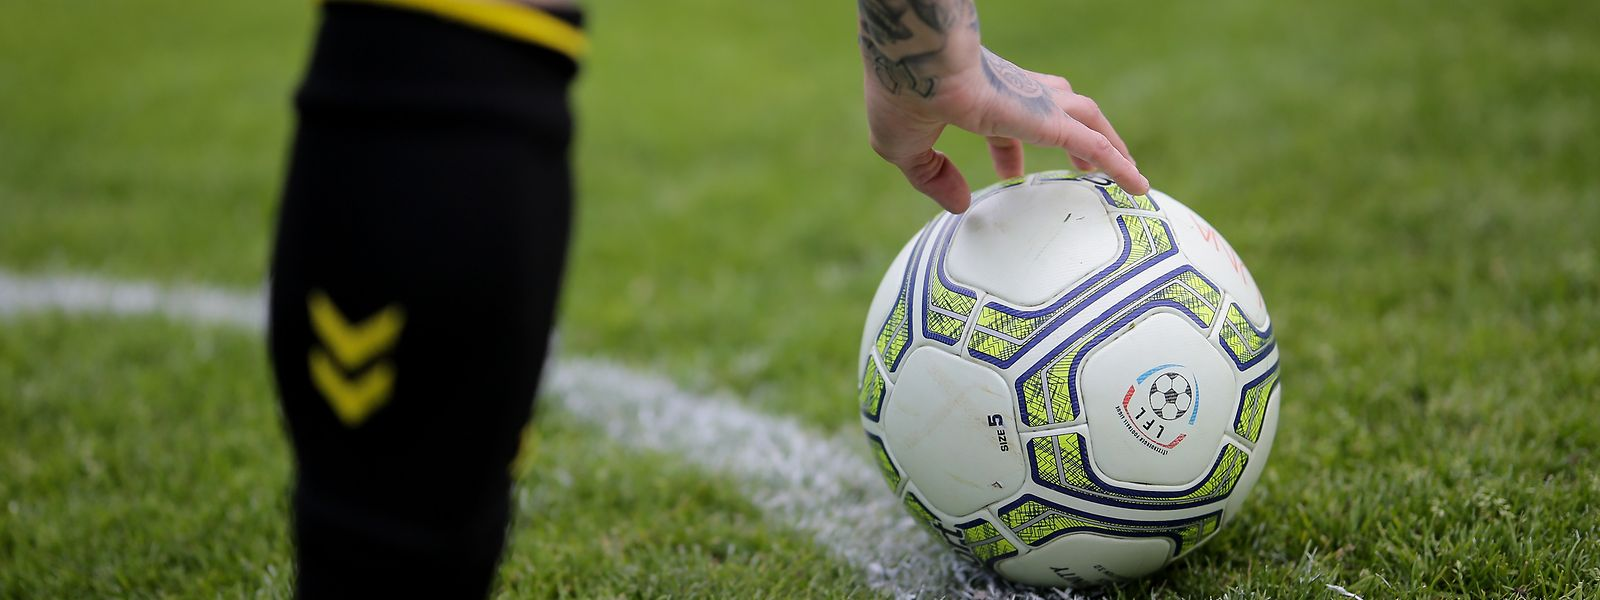 Viele Clubs möchten sich mit den großen Vereinen messen, darunter leidet aber das Niveau.